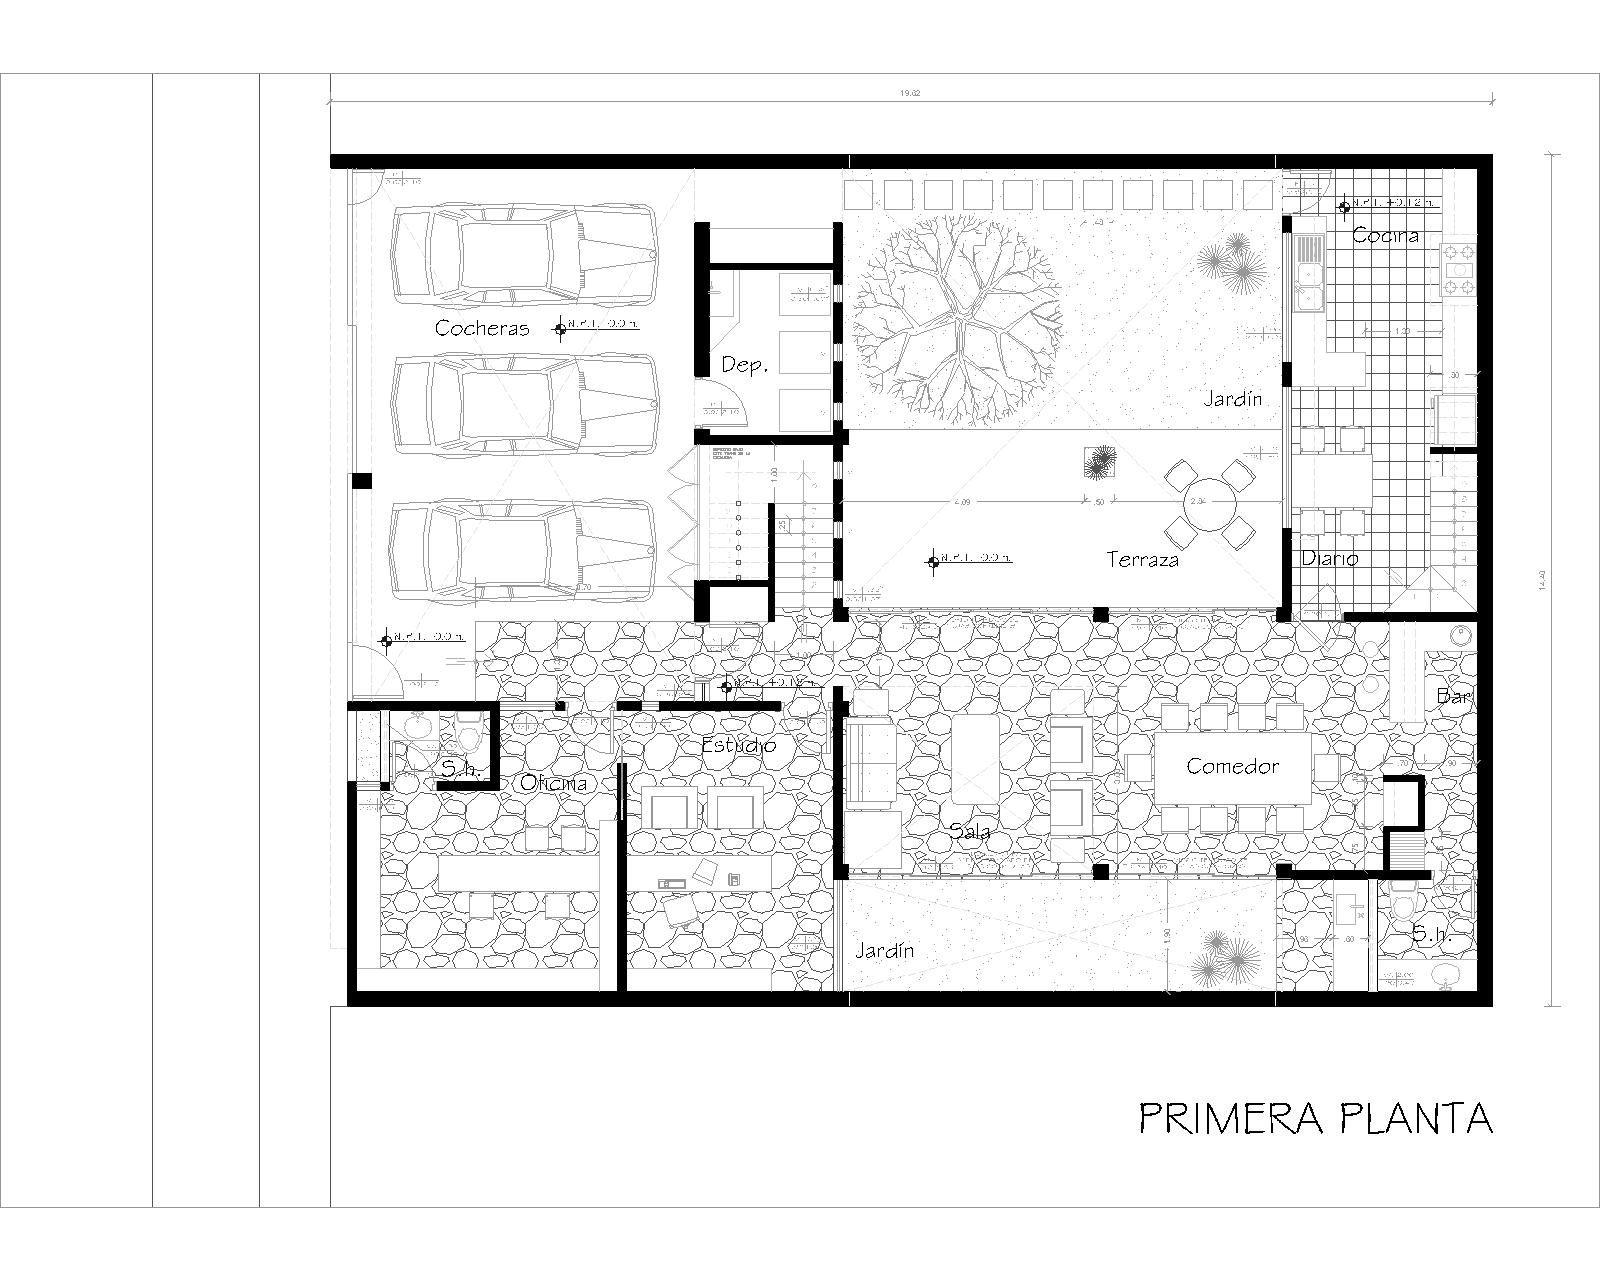 La forma moderna en la arquitectura casas patio 2 - Planos de casas con patio interior ...